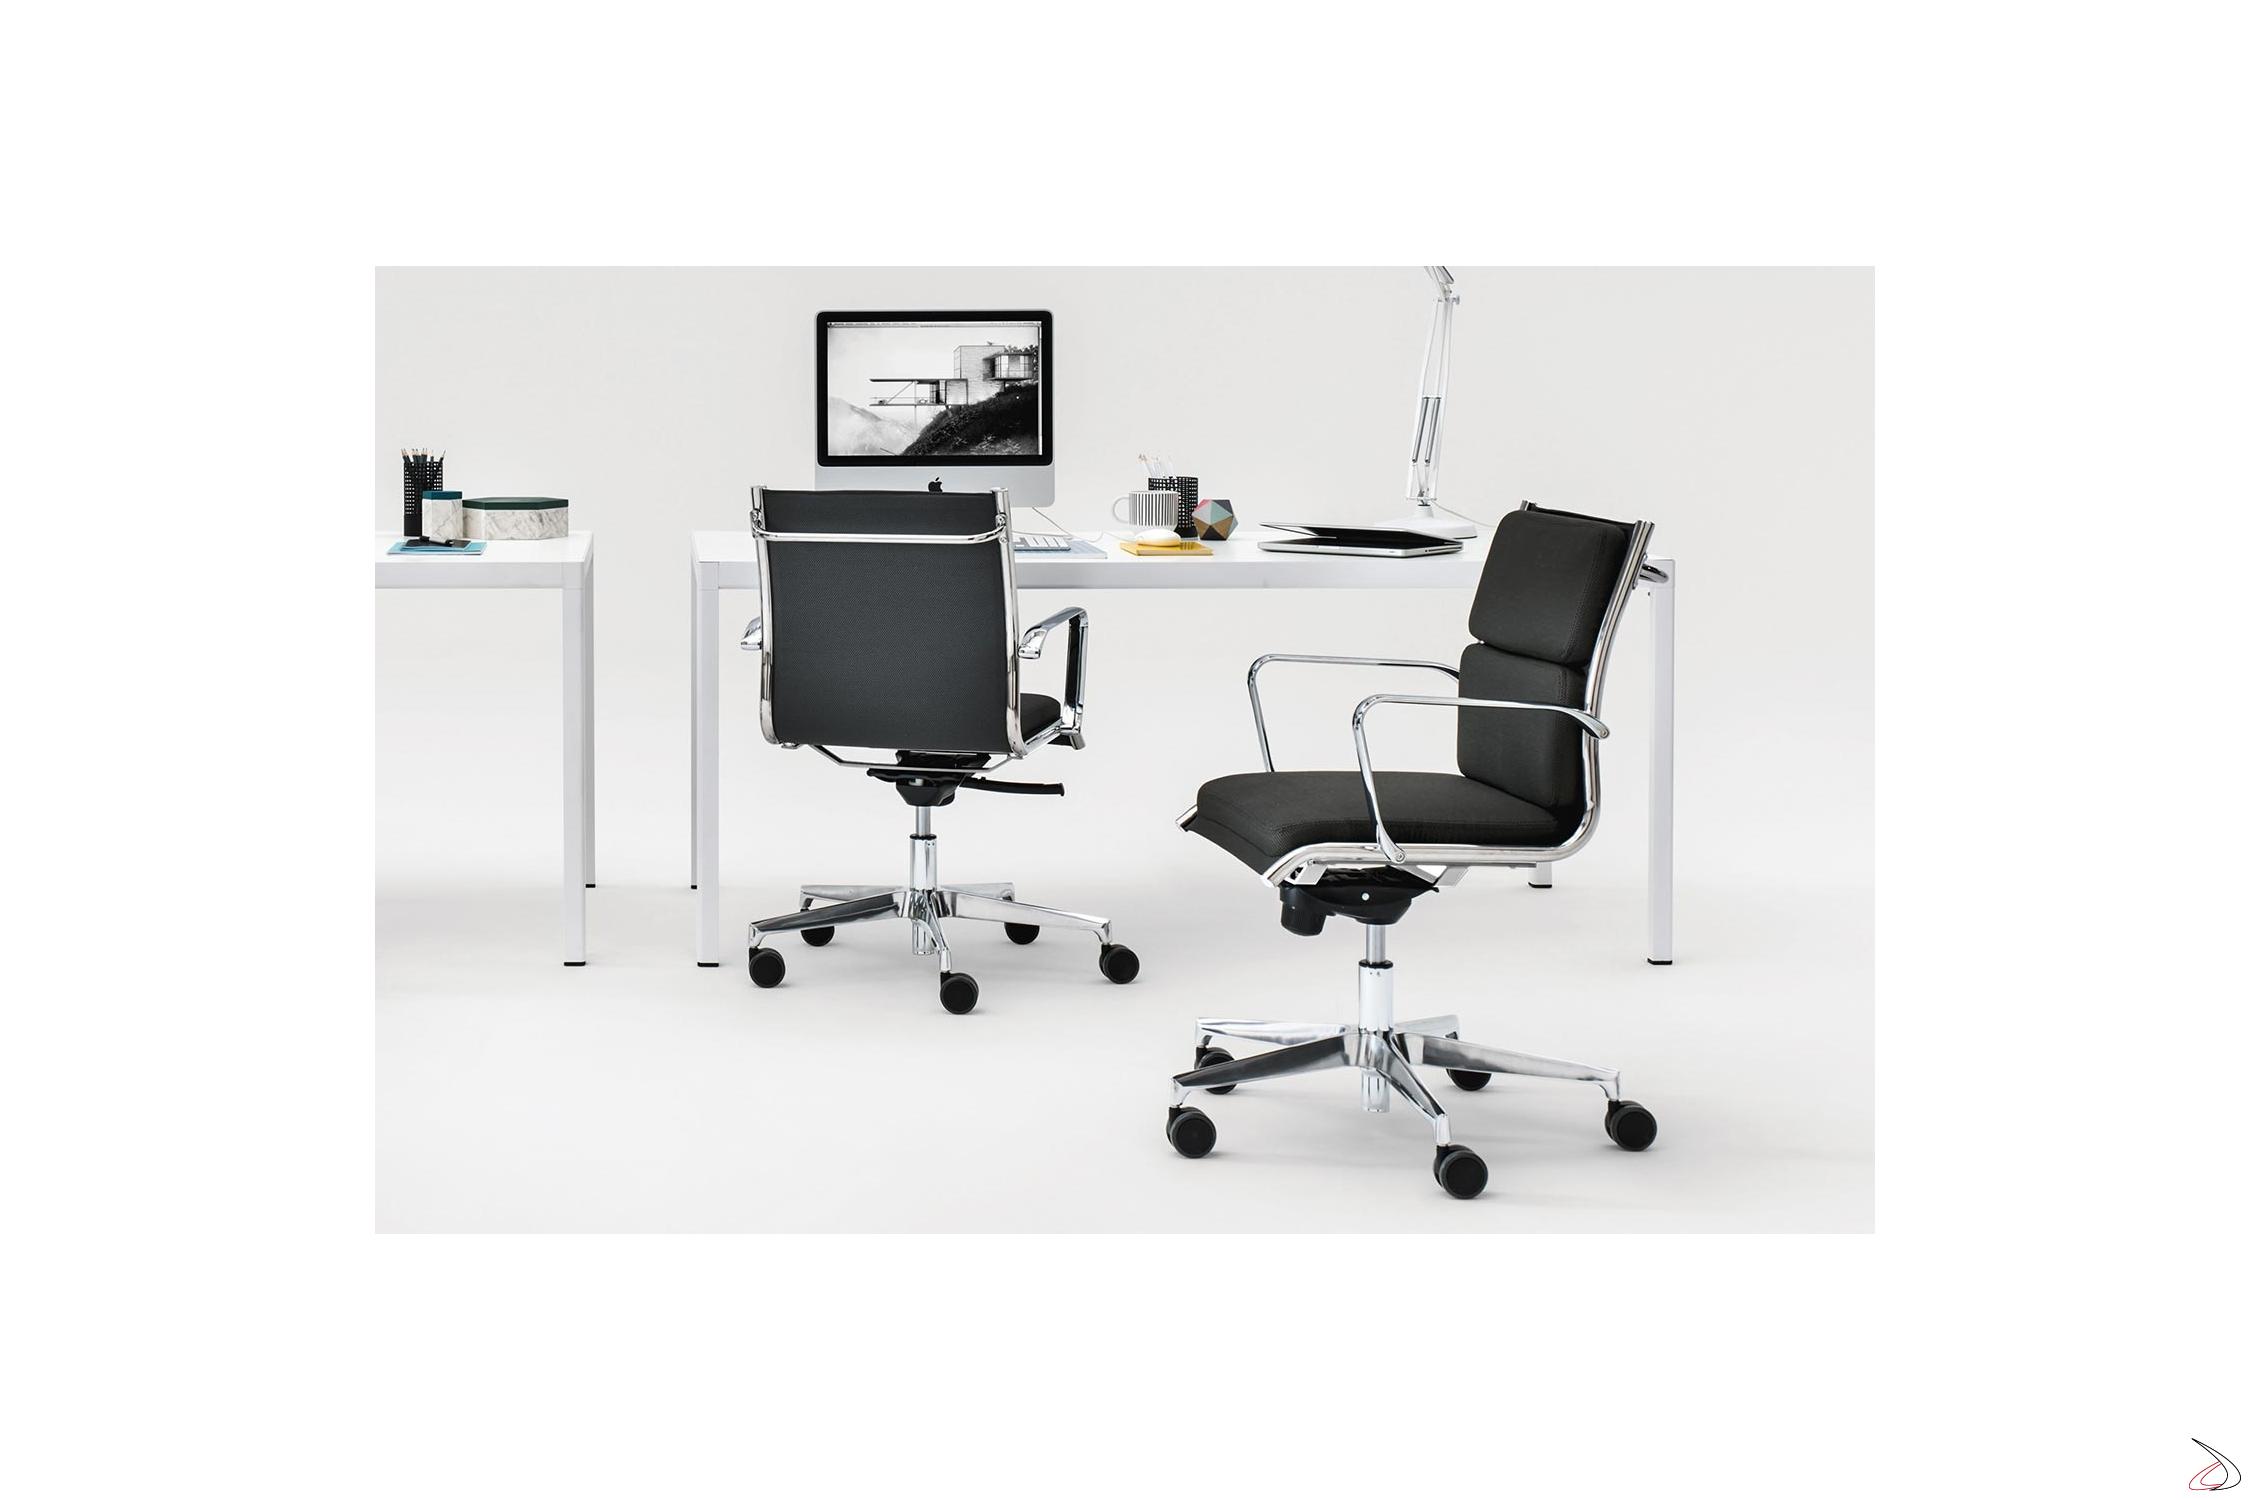 Poltrone Con Ruote Per Ufficio.Eclipse Executive Office Chair Toparredi Arredo Design Online